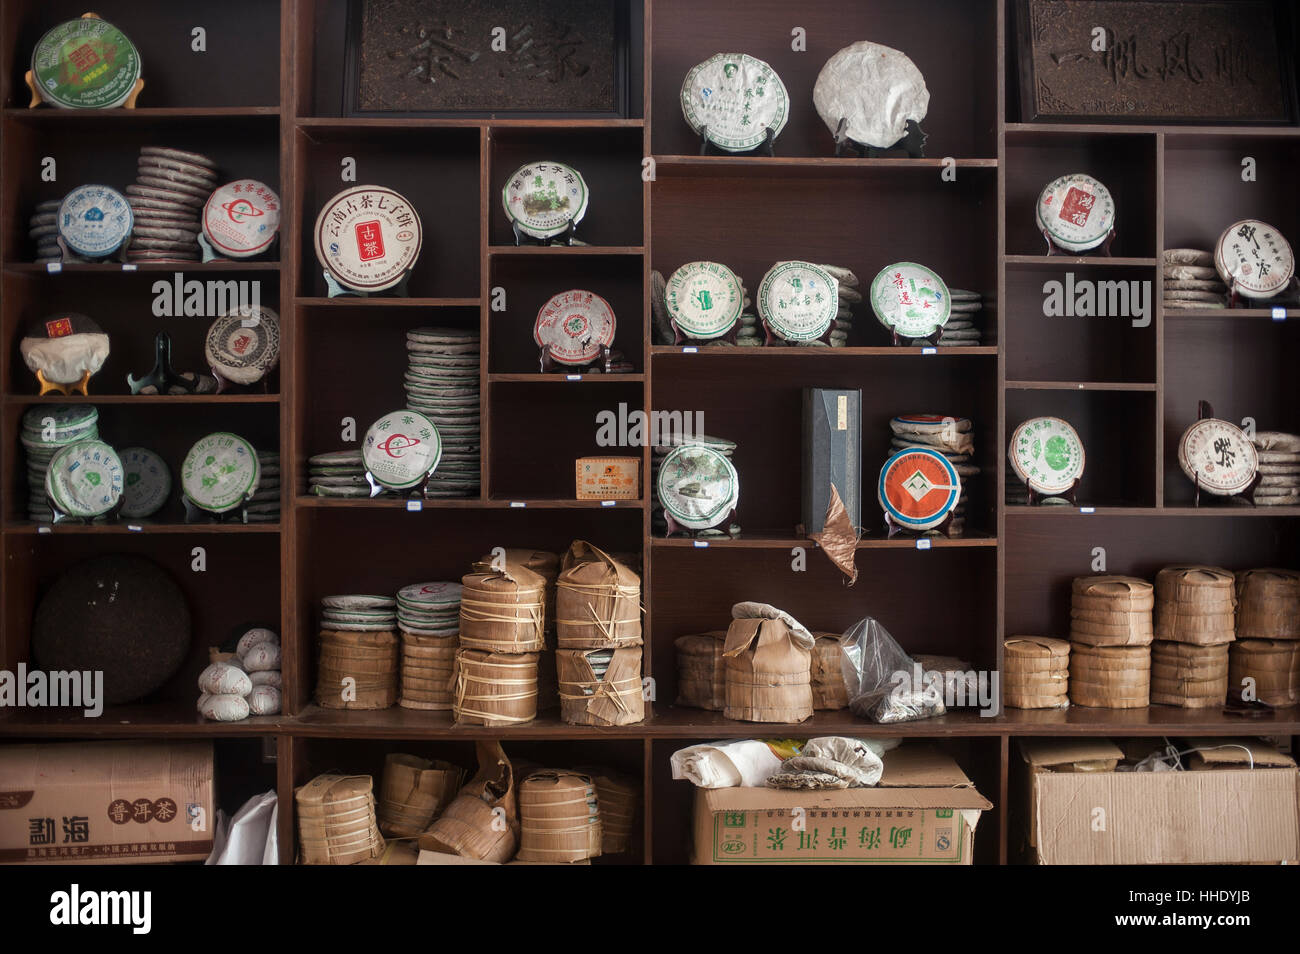 Shelves In A Tea Shop Imágenes De Stock   Shelves In A Tea Shop ... f6ae0083fbf1